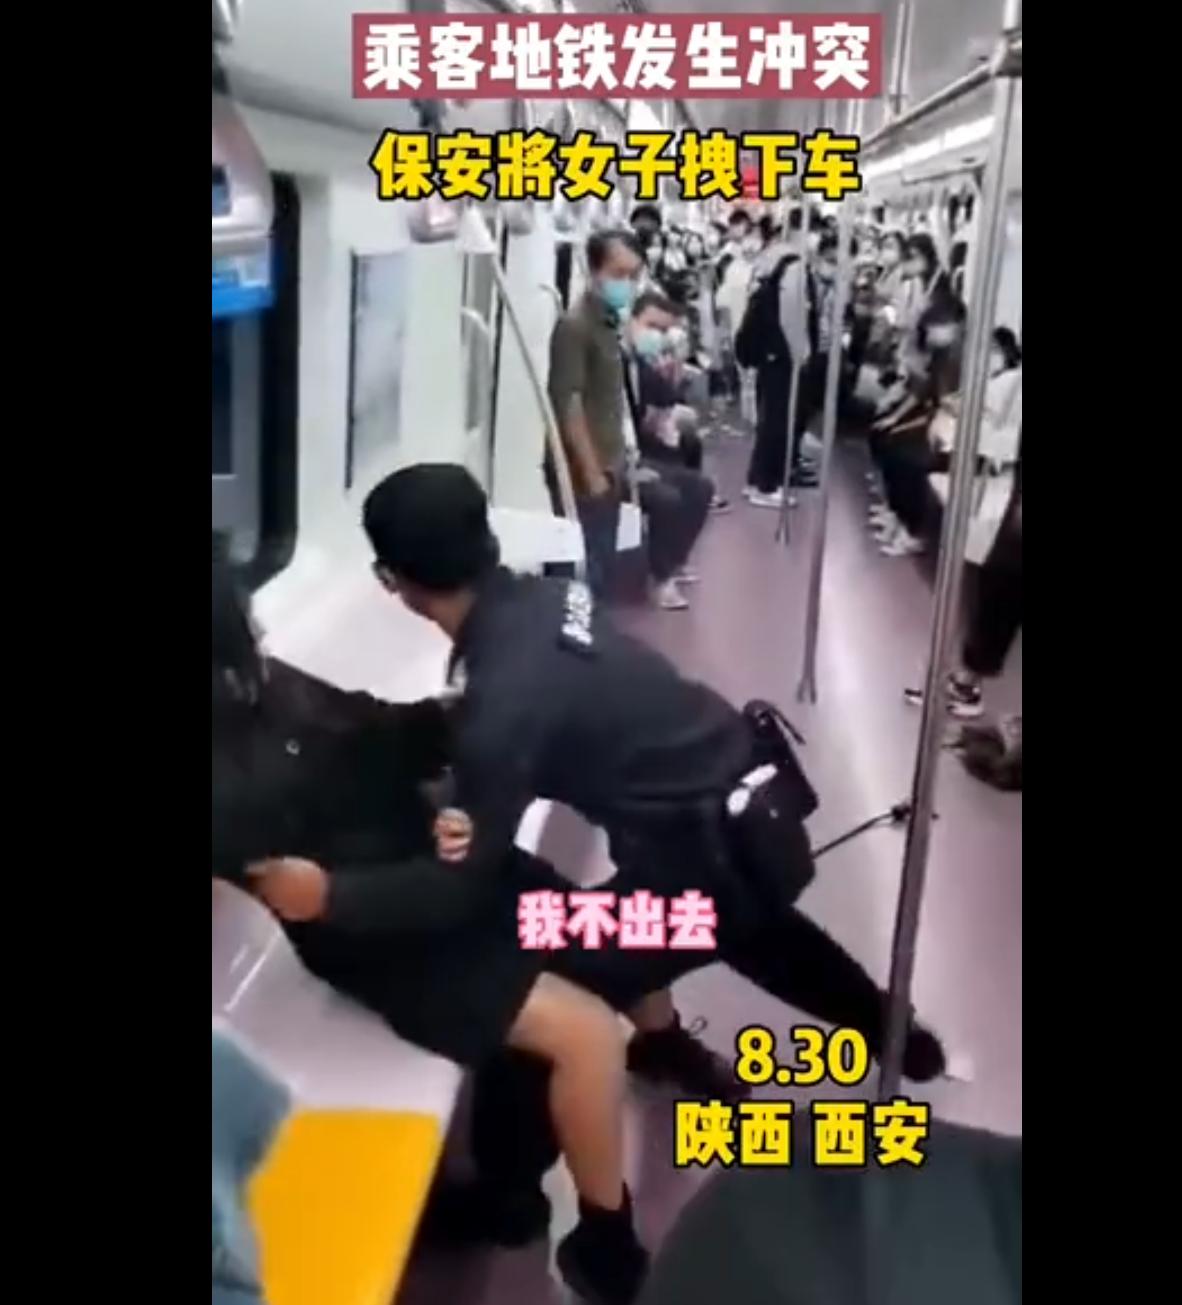 西安地铁回应女乘客被保安拖拽:她与部分乘客发生肢体冲突,拒不下车